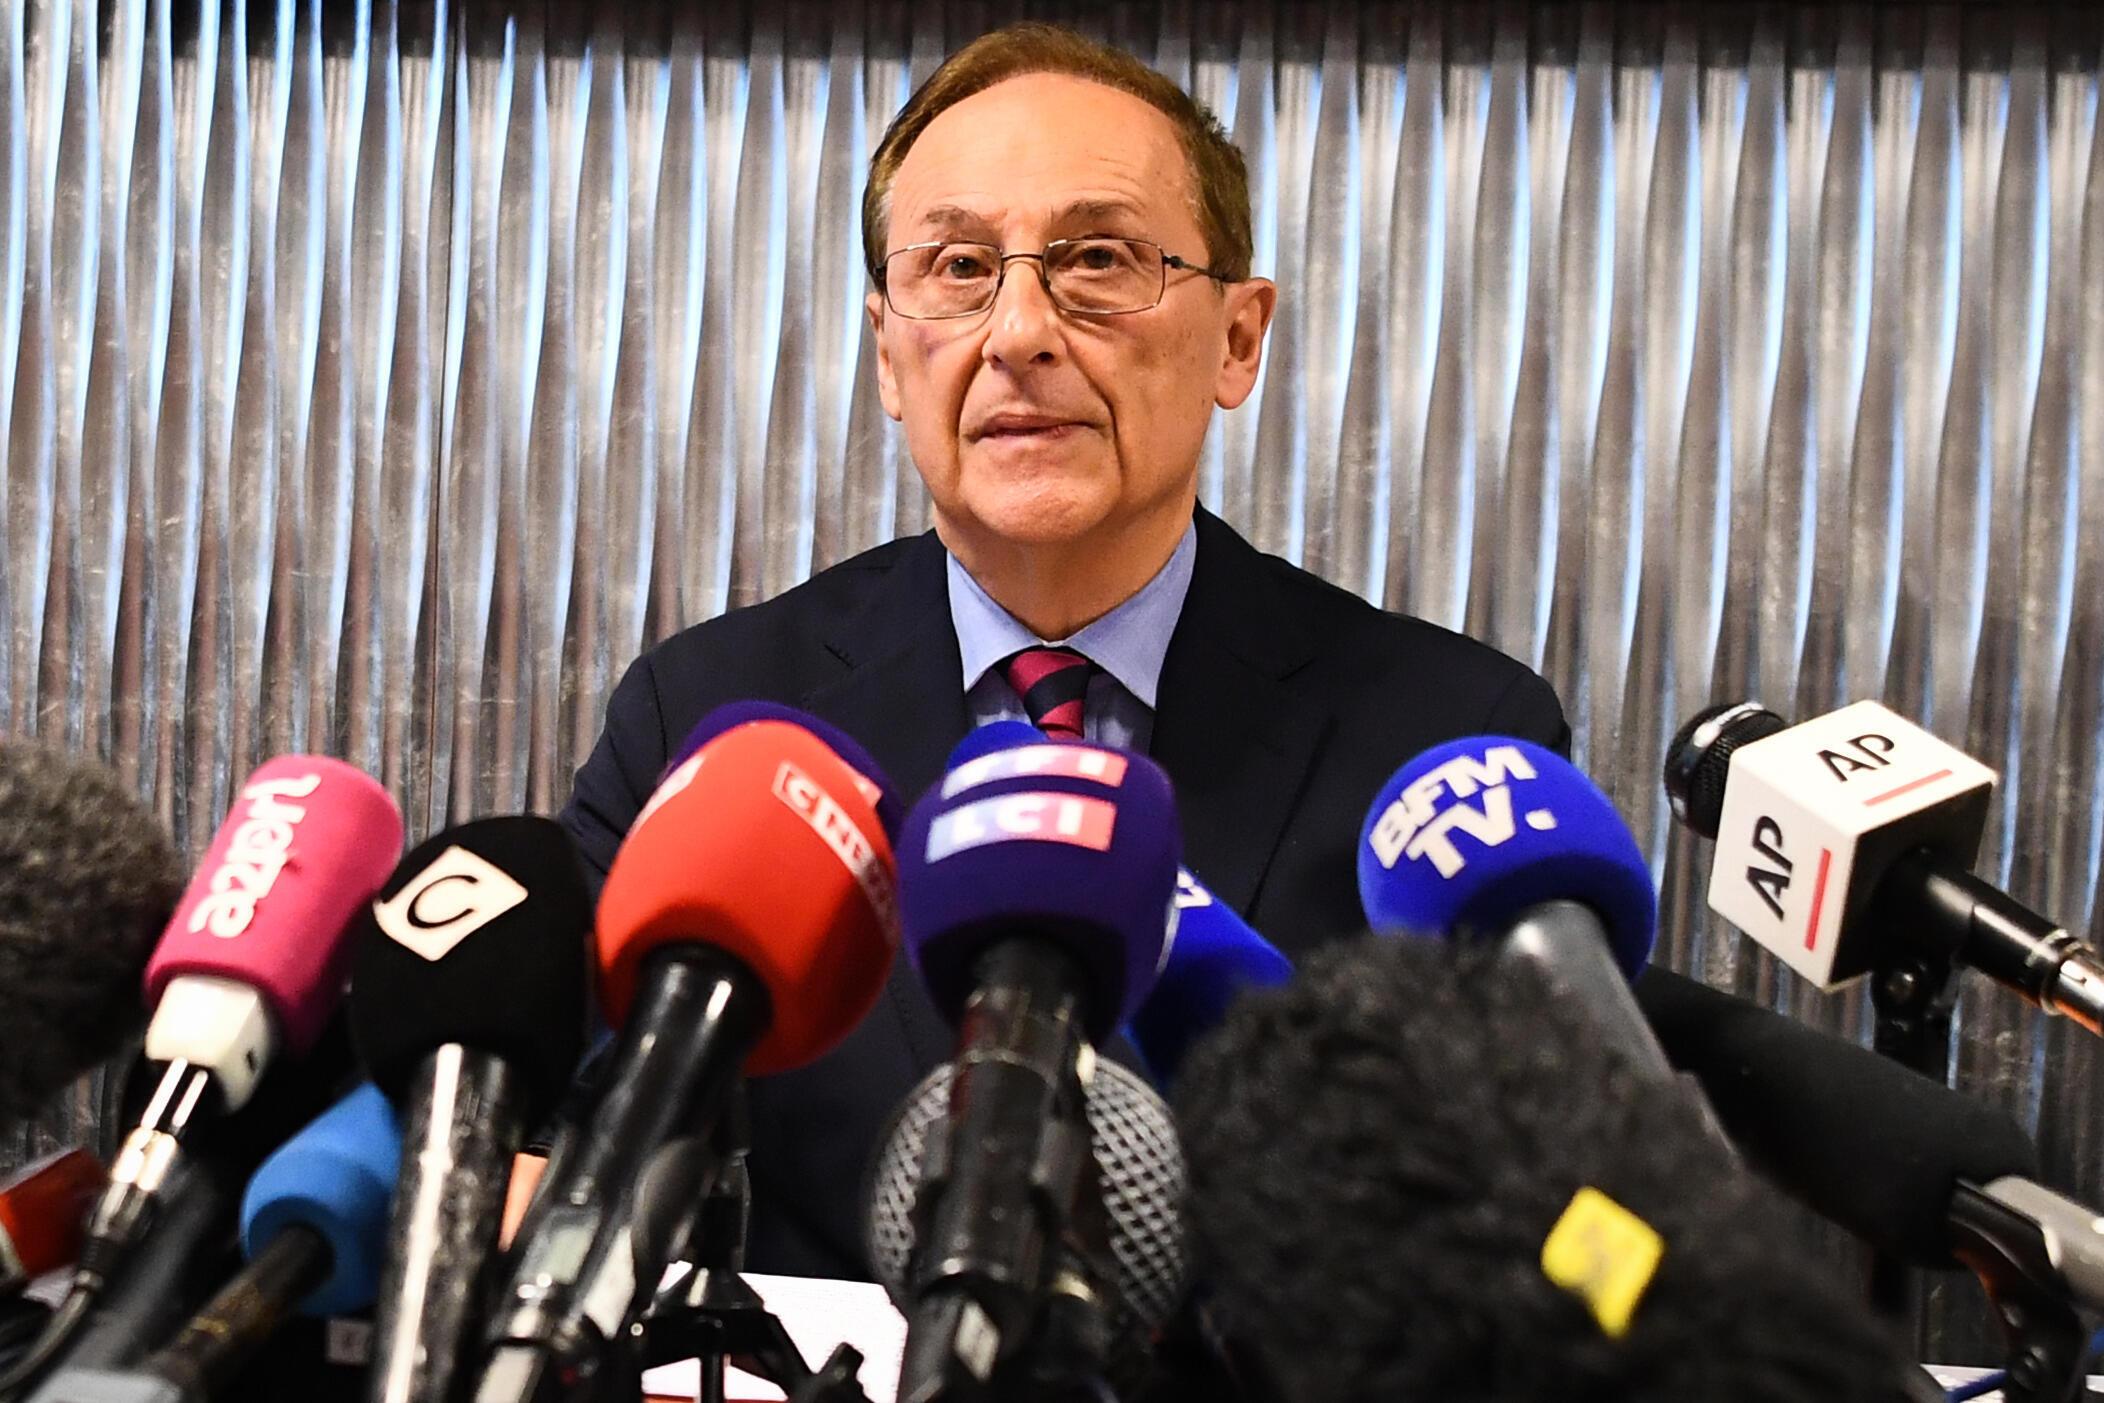 Didier Gailhaguet, président de la Fédération française des sports de glace (FFSG), lors d'une conférence de presse, le 5 février 2020.